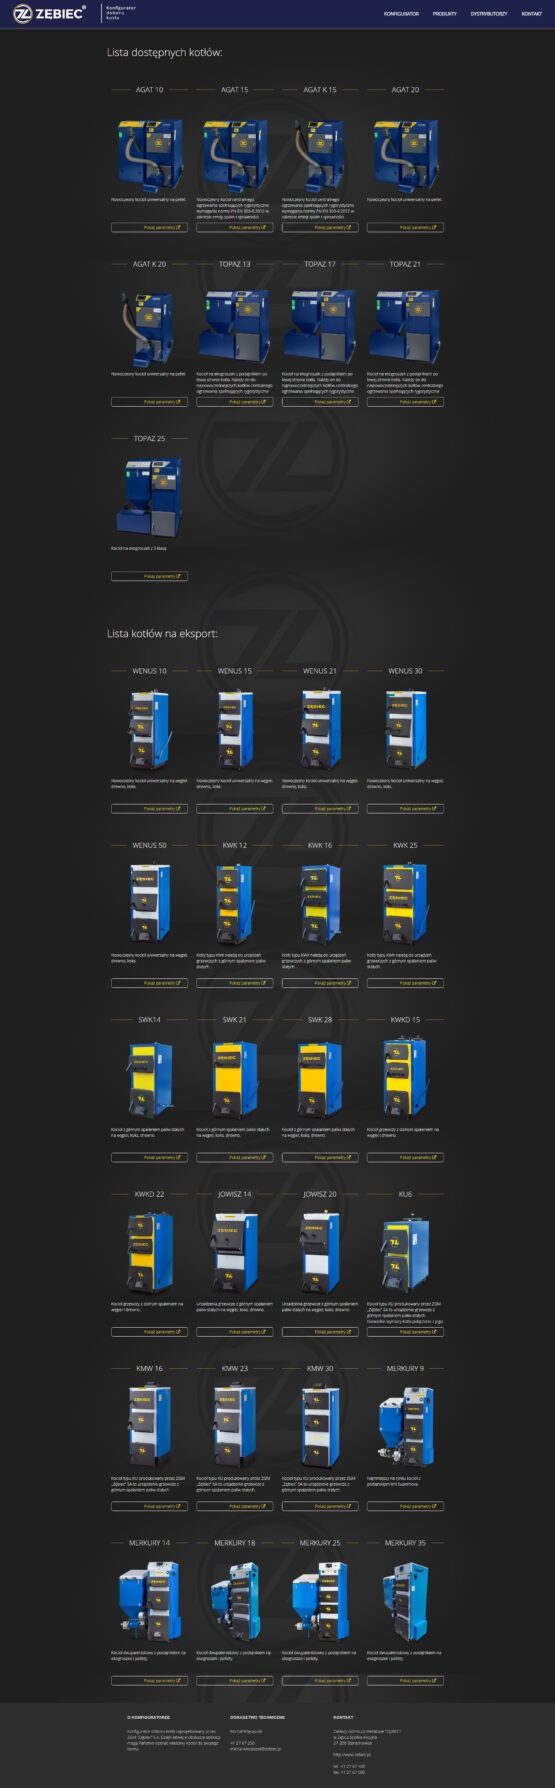 Strona produktów Zębiec konfigurator